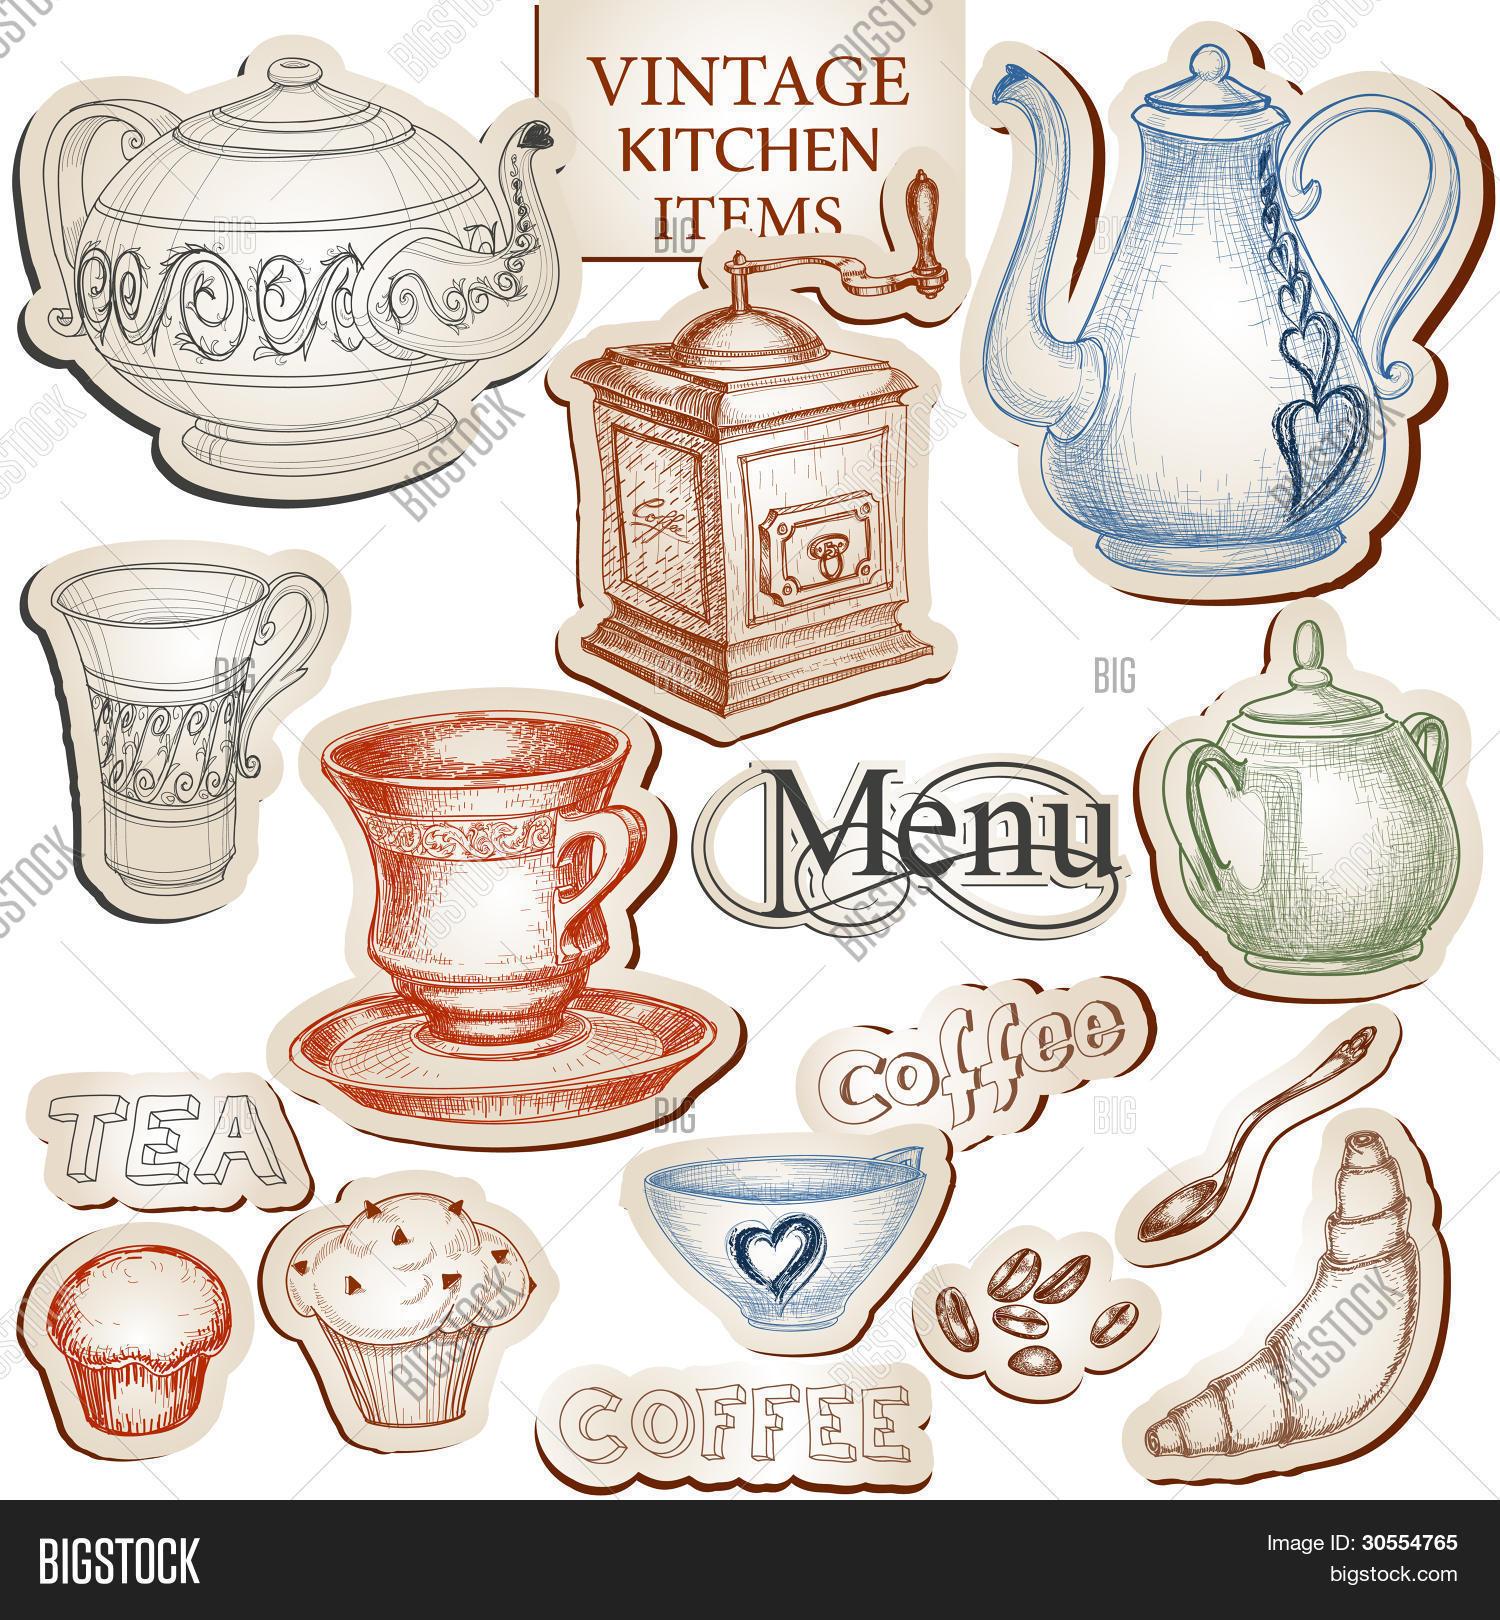 Accesorios De Cocina Vintage. Accesorios De Cocina Vintage Con Mucho ...